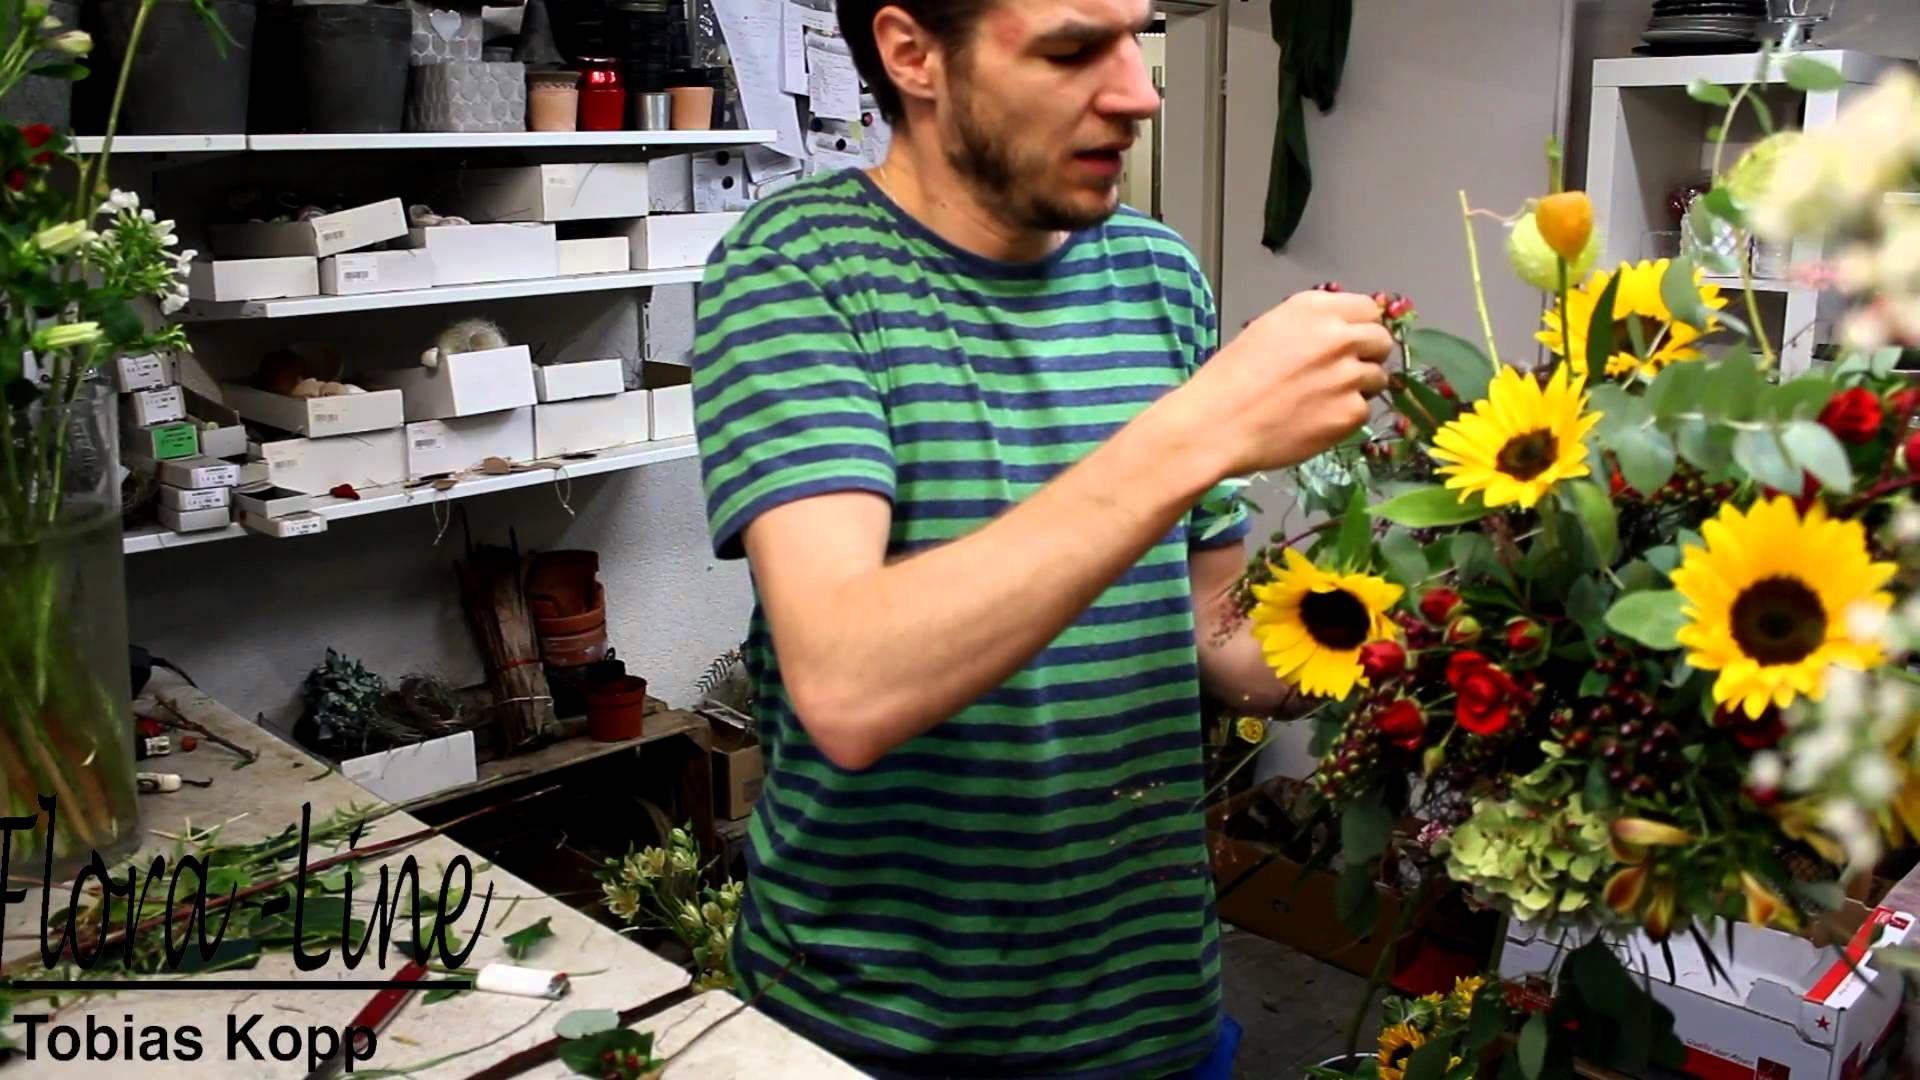 lockerer herbststrauss mit sonnenblumen selber binden sonnenblumen helianthus annuus. Black Bedroom Furniture Sets. Home Design Ideas